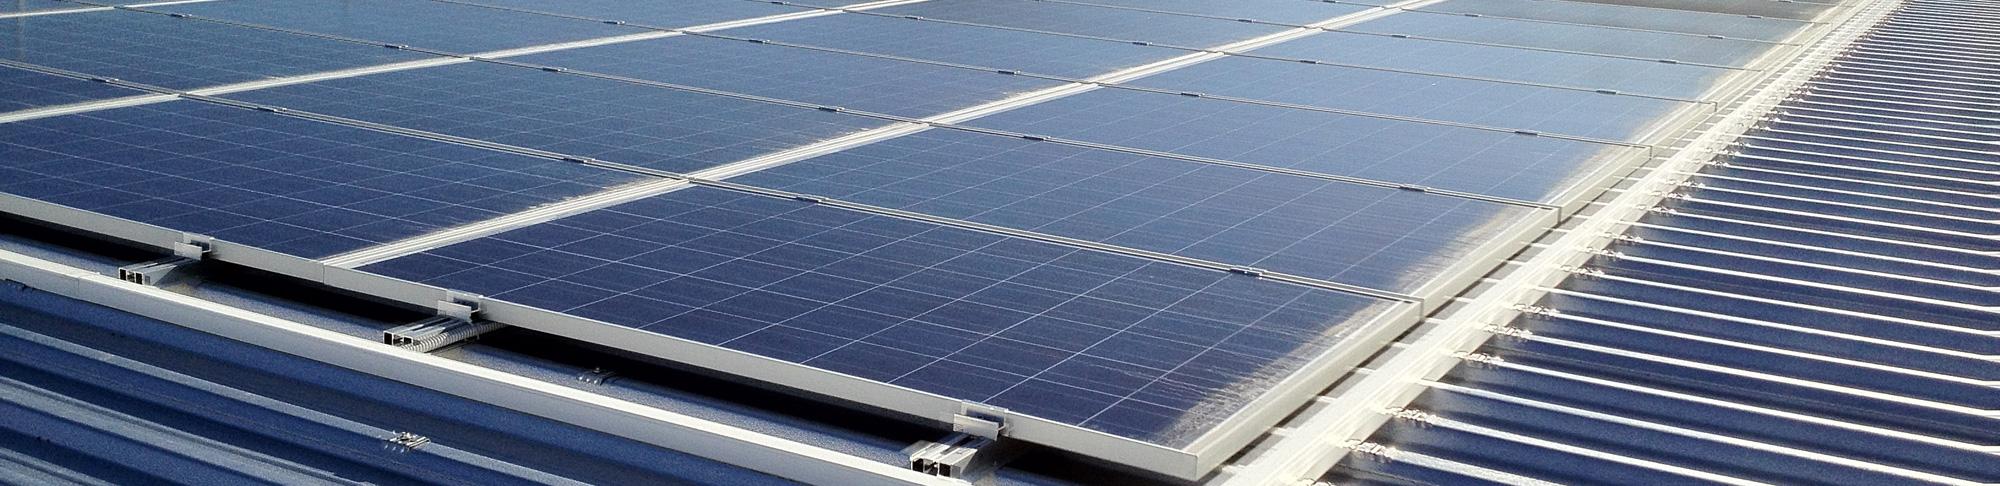 Impianto fotovoltaioco